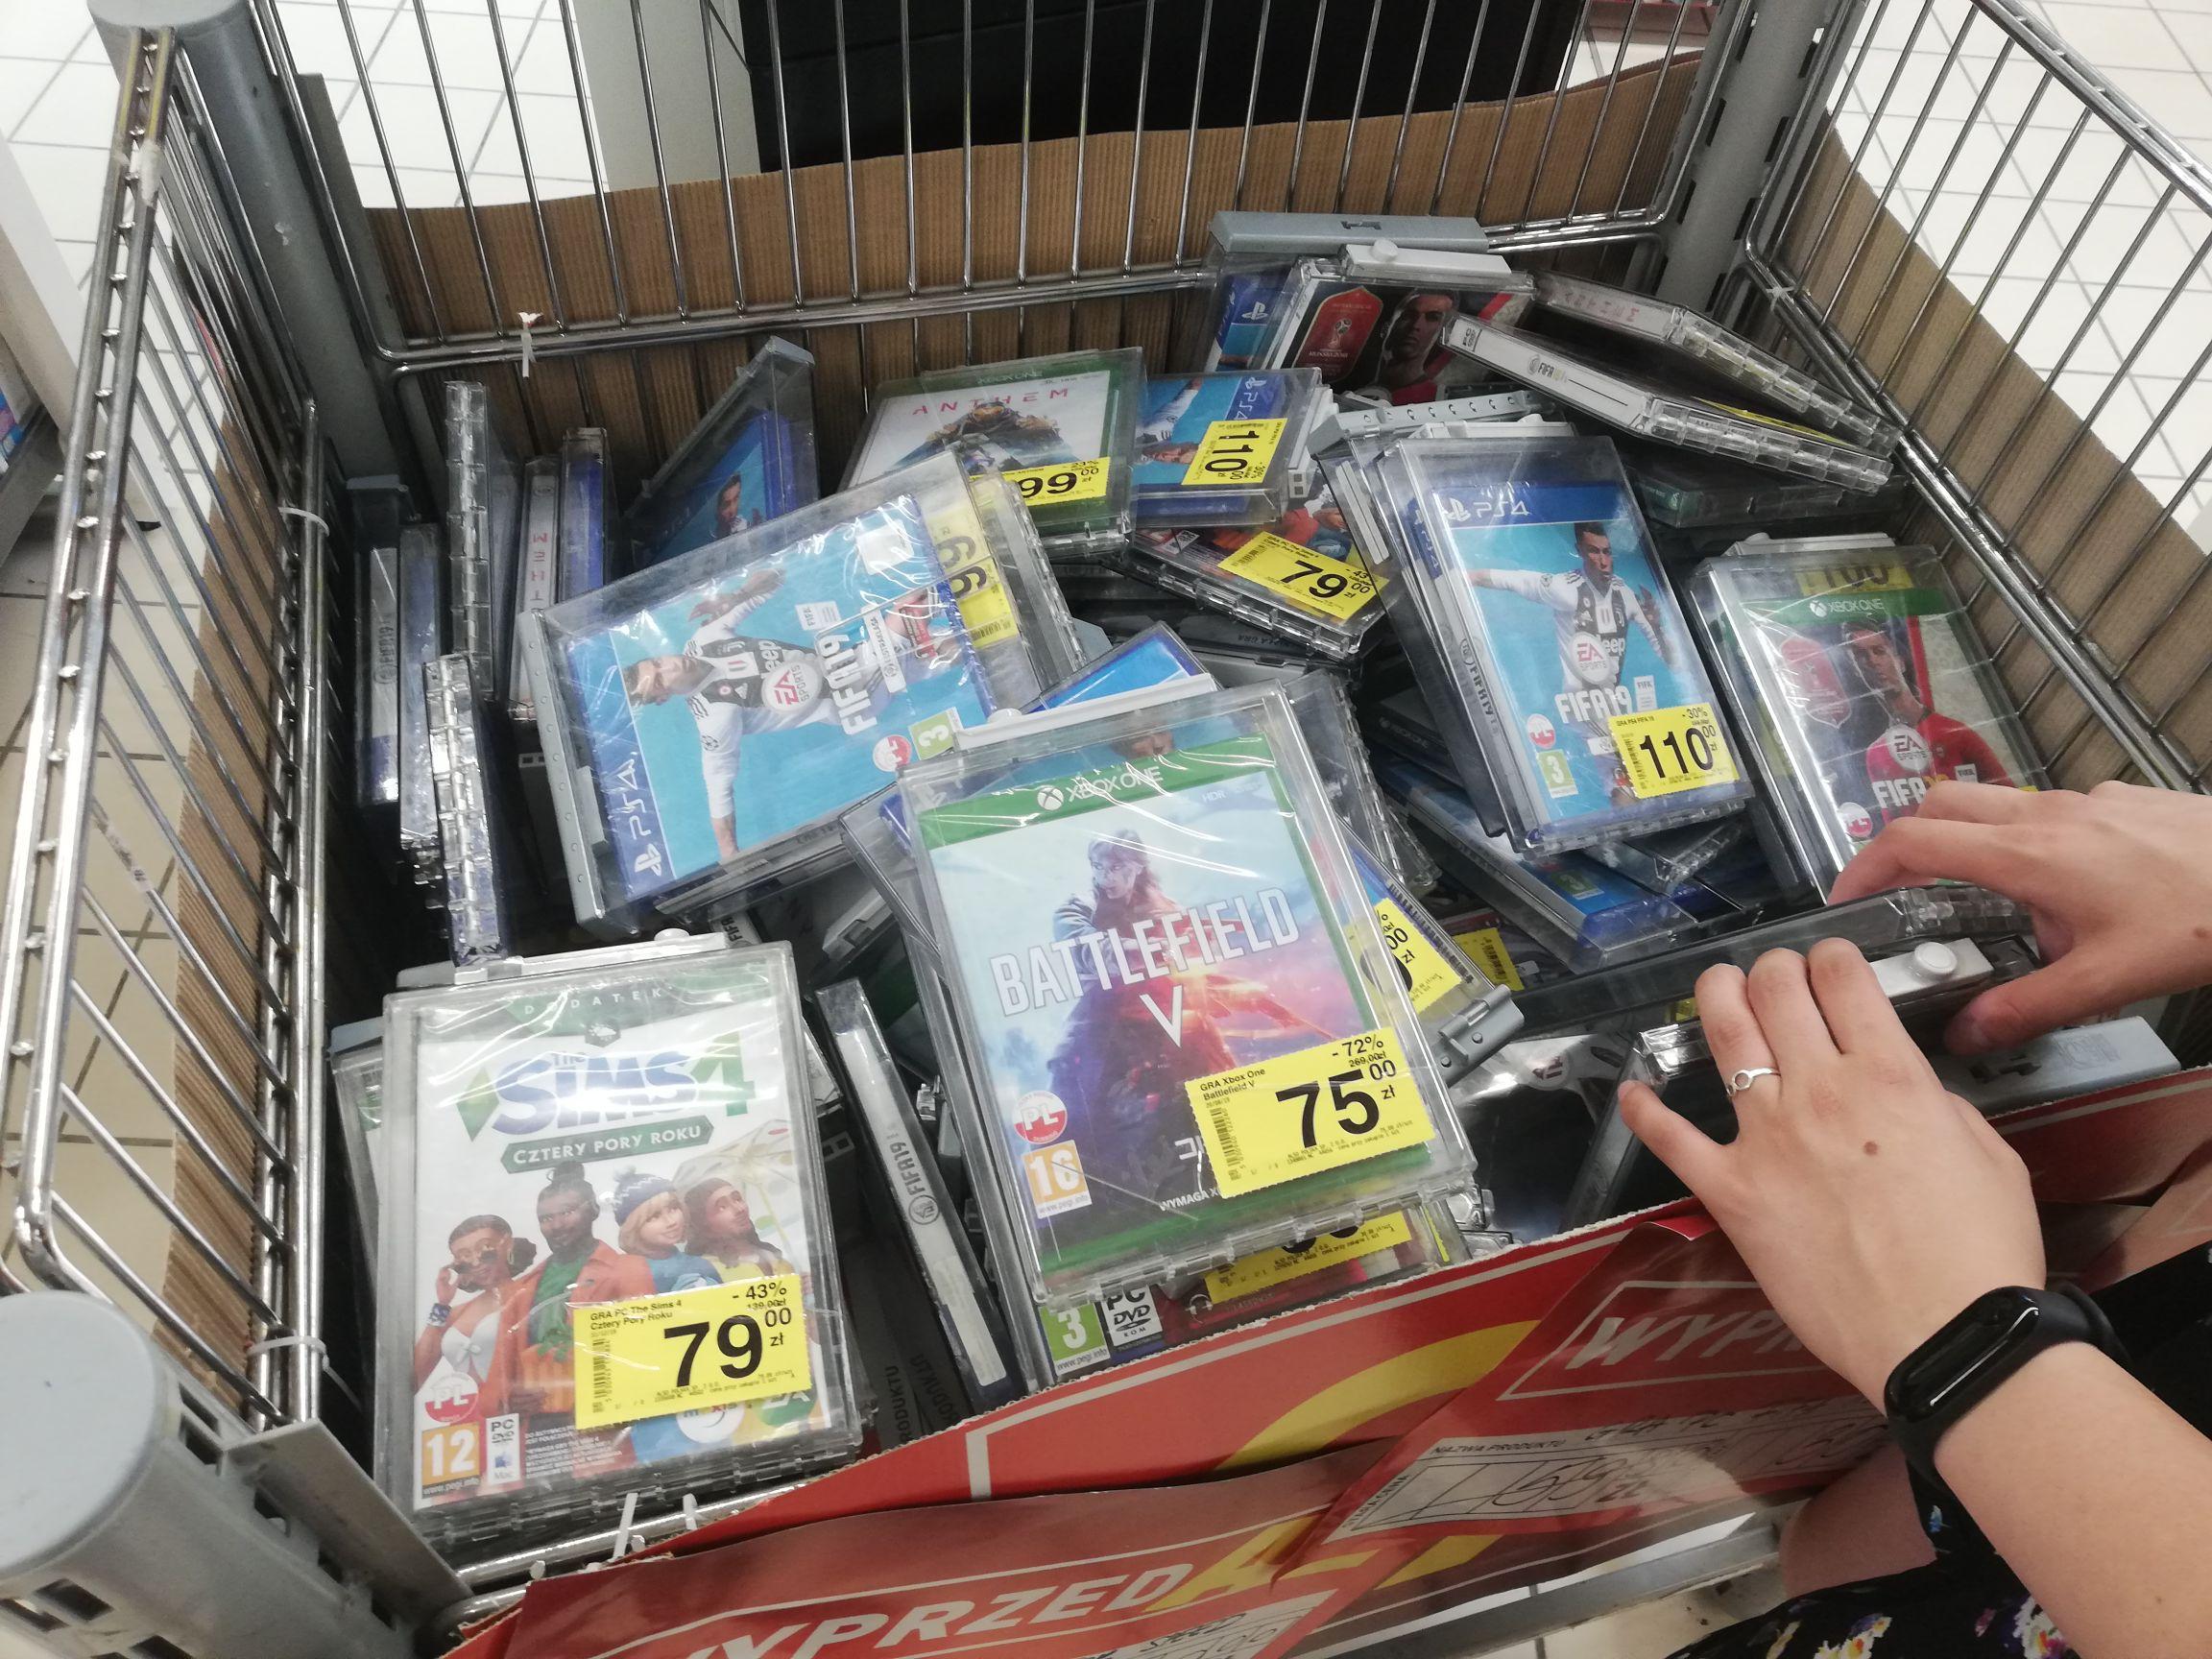 Wielka przecena na gry Xbox One, playstation 4 i PC